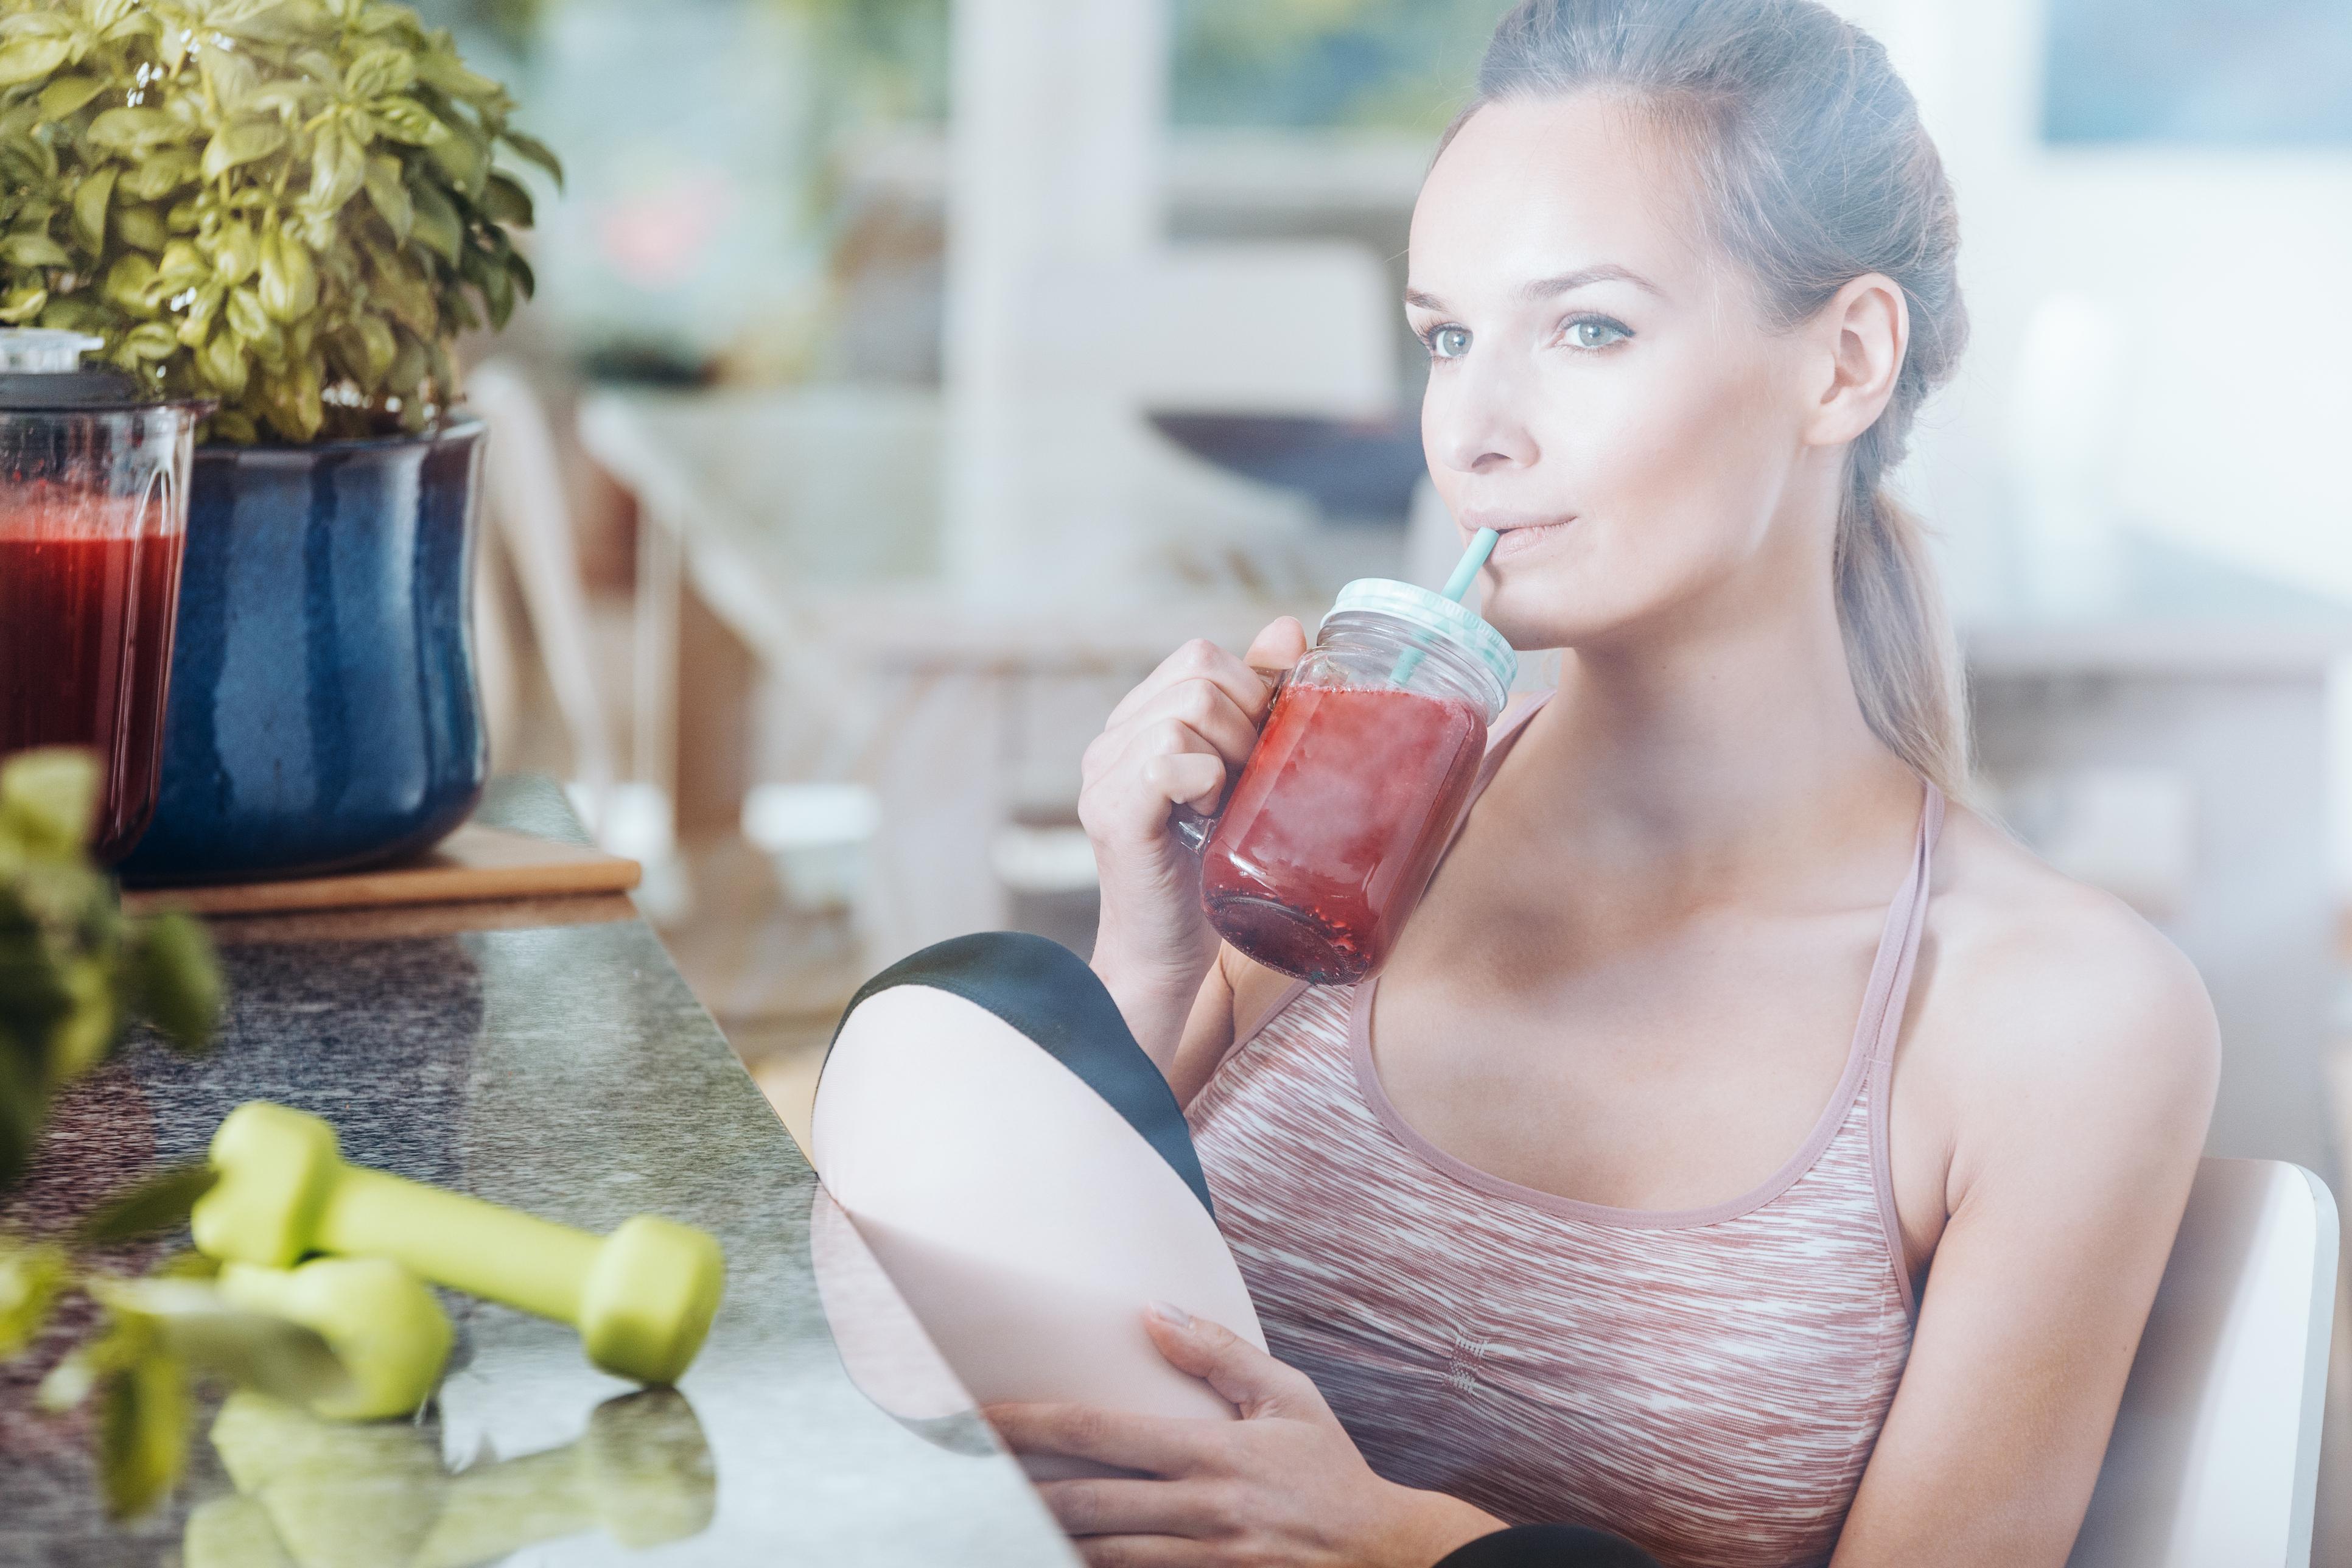 ファスティングドリンクを飲む女性